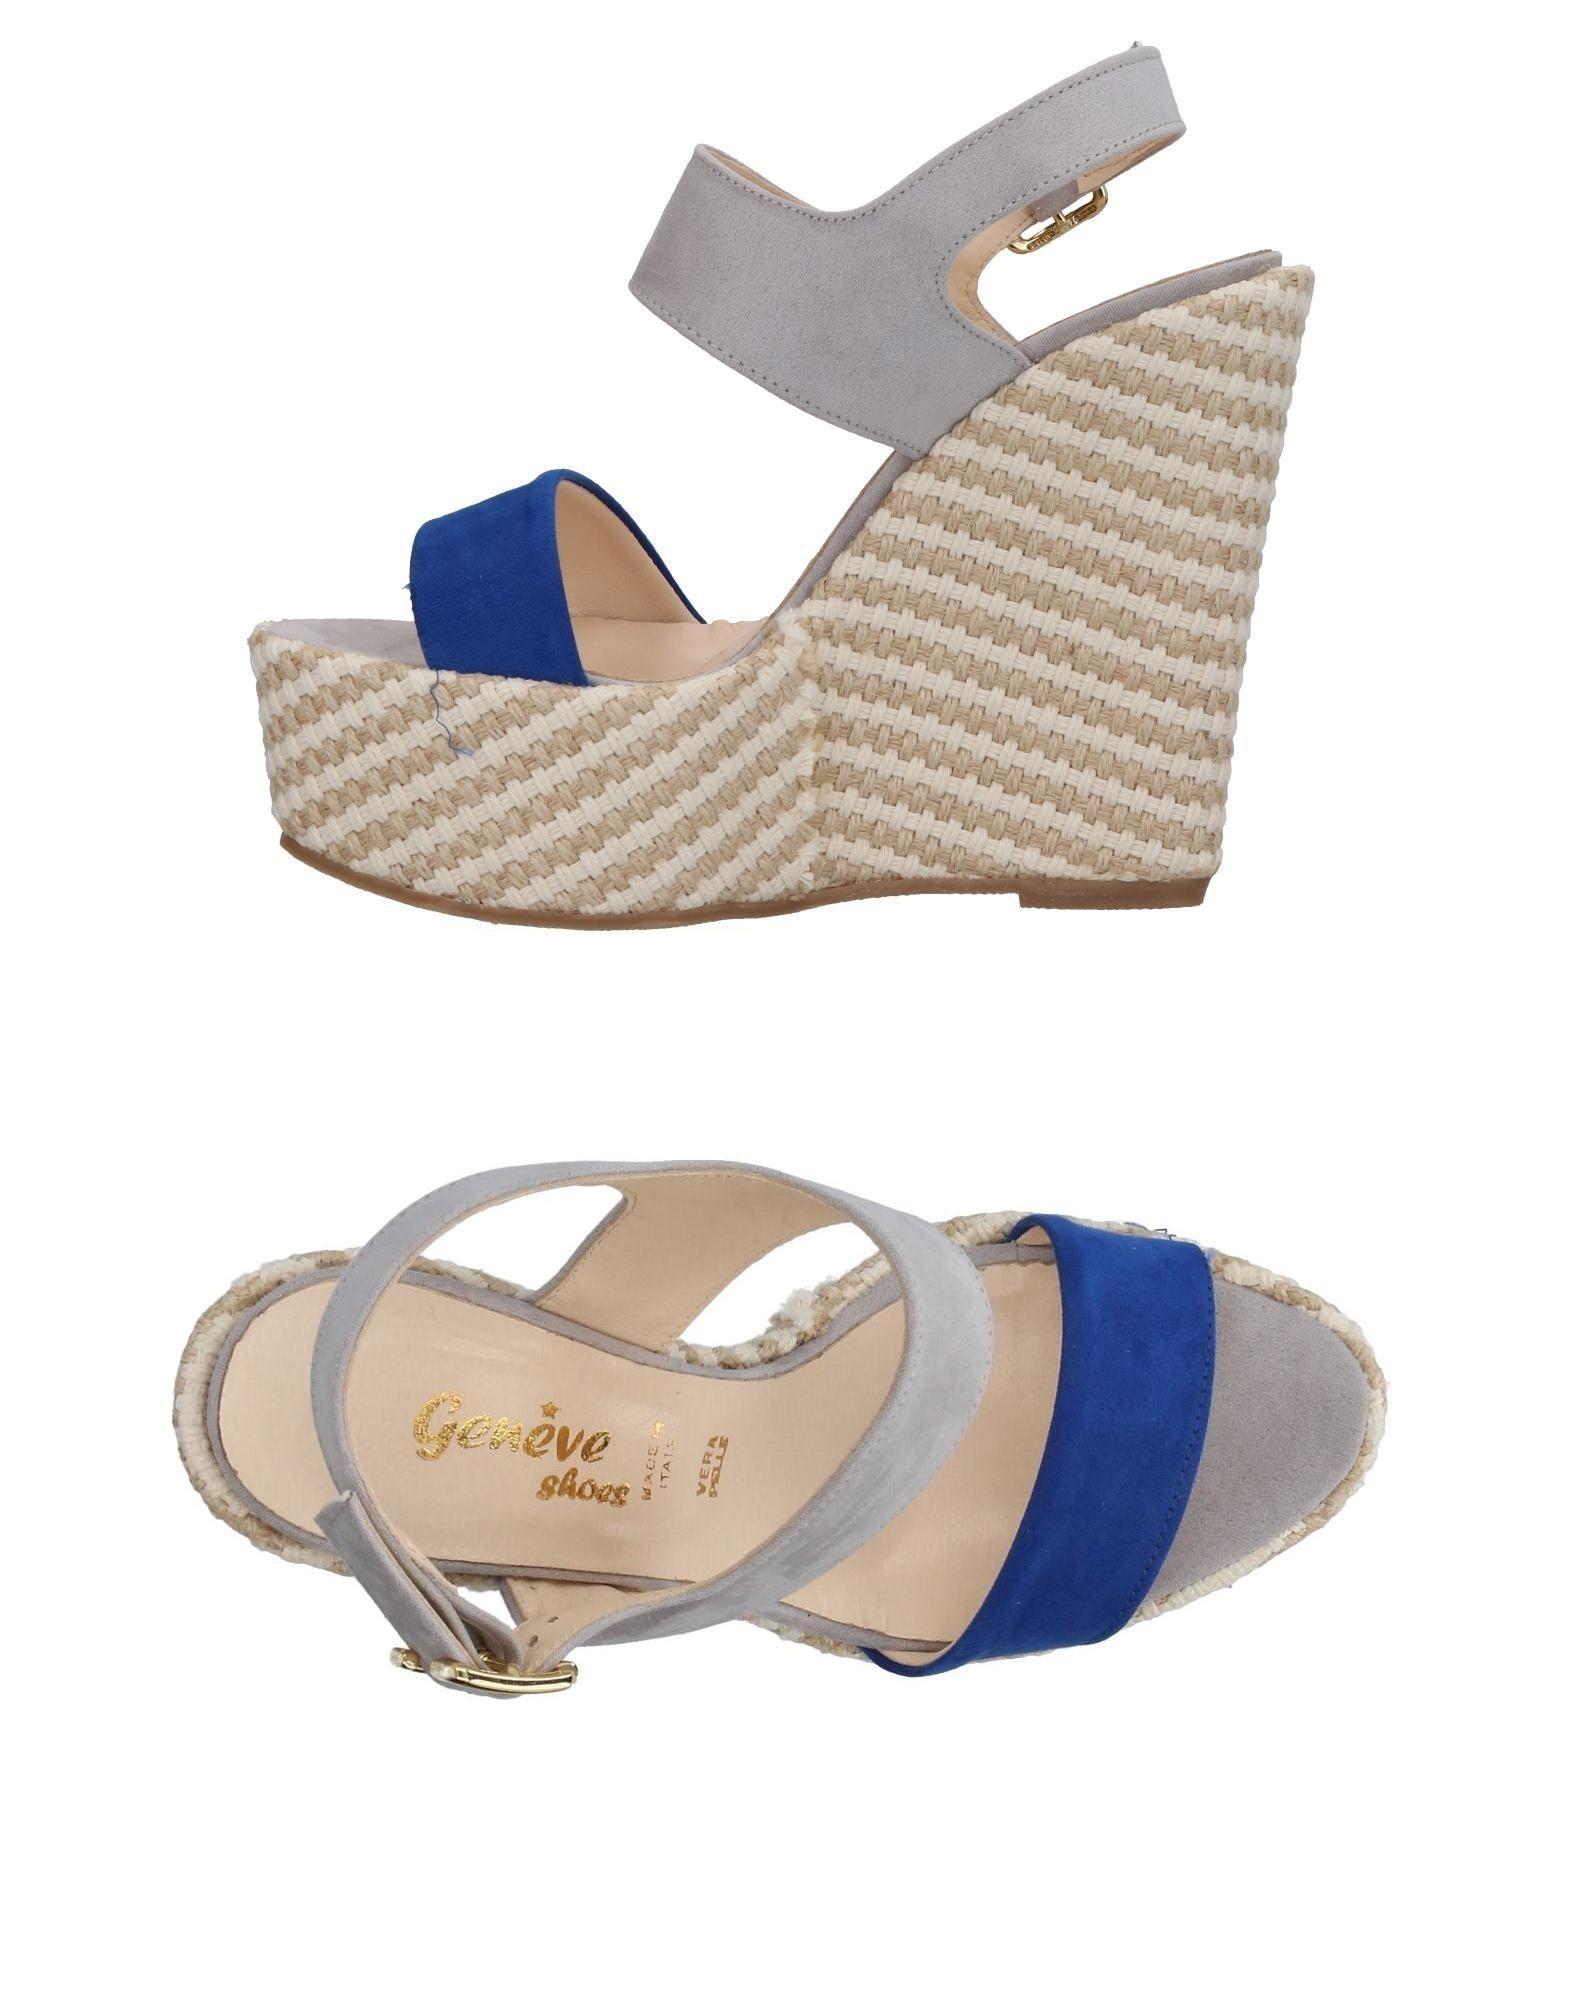 Moda Moda Moda Sandali Geneve Donna - 11375770RQ d05e3a